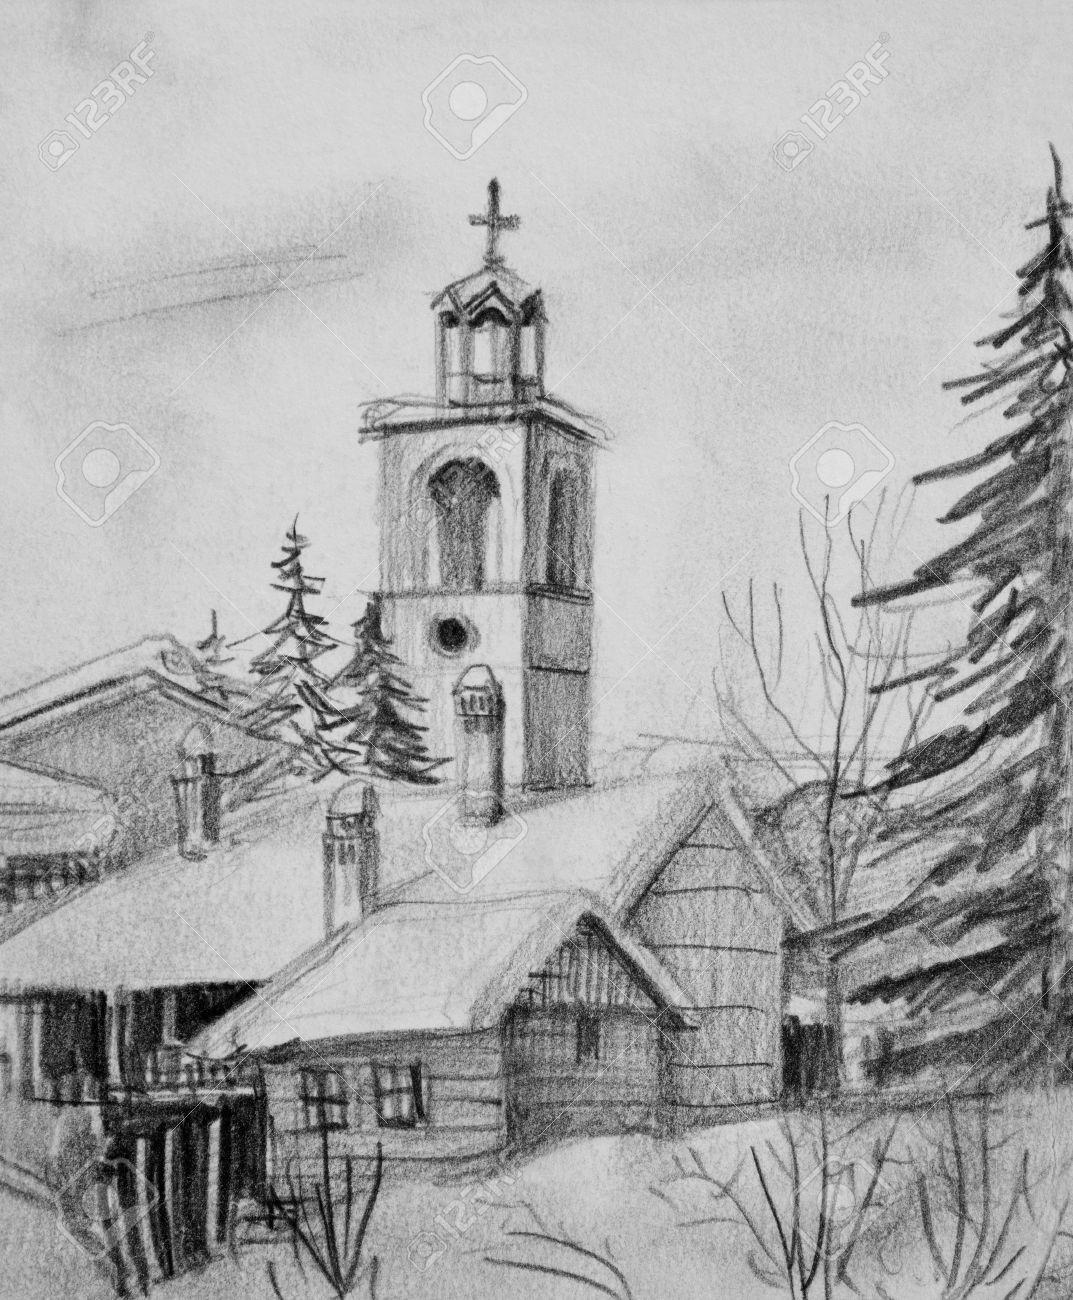 Dessin Au Crayon Noir Et Blanc D Une Vieille Eglise En Station De